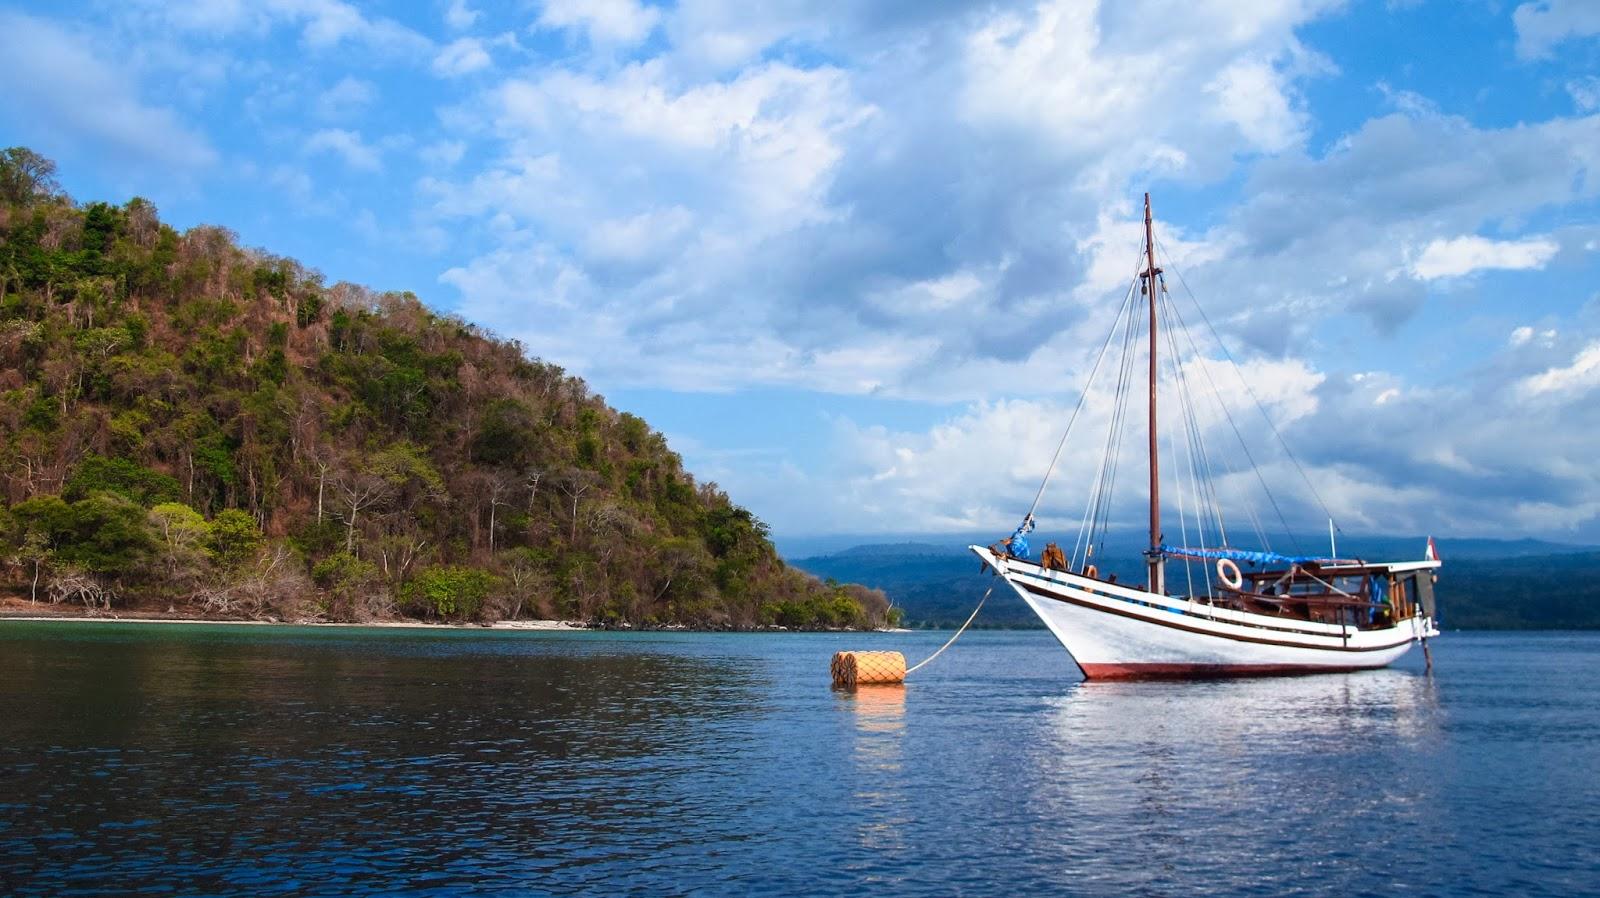 Croisière Snorkelling (masque et tuba) à bord de Zirbad (voilier traditionnel) en Indonésie - www.piratesbaycroisiere.fr